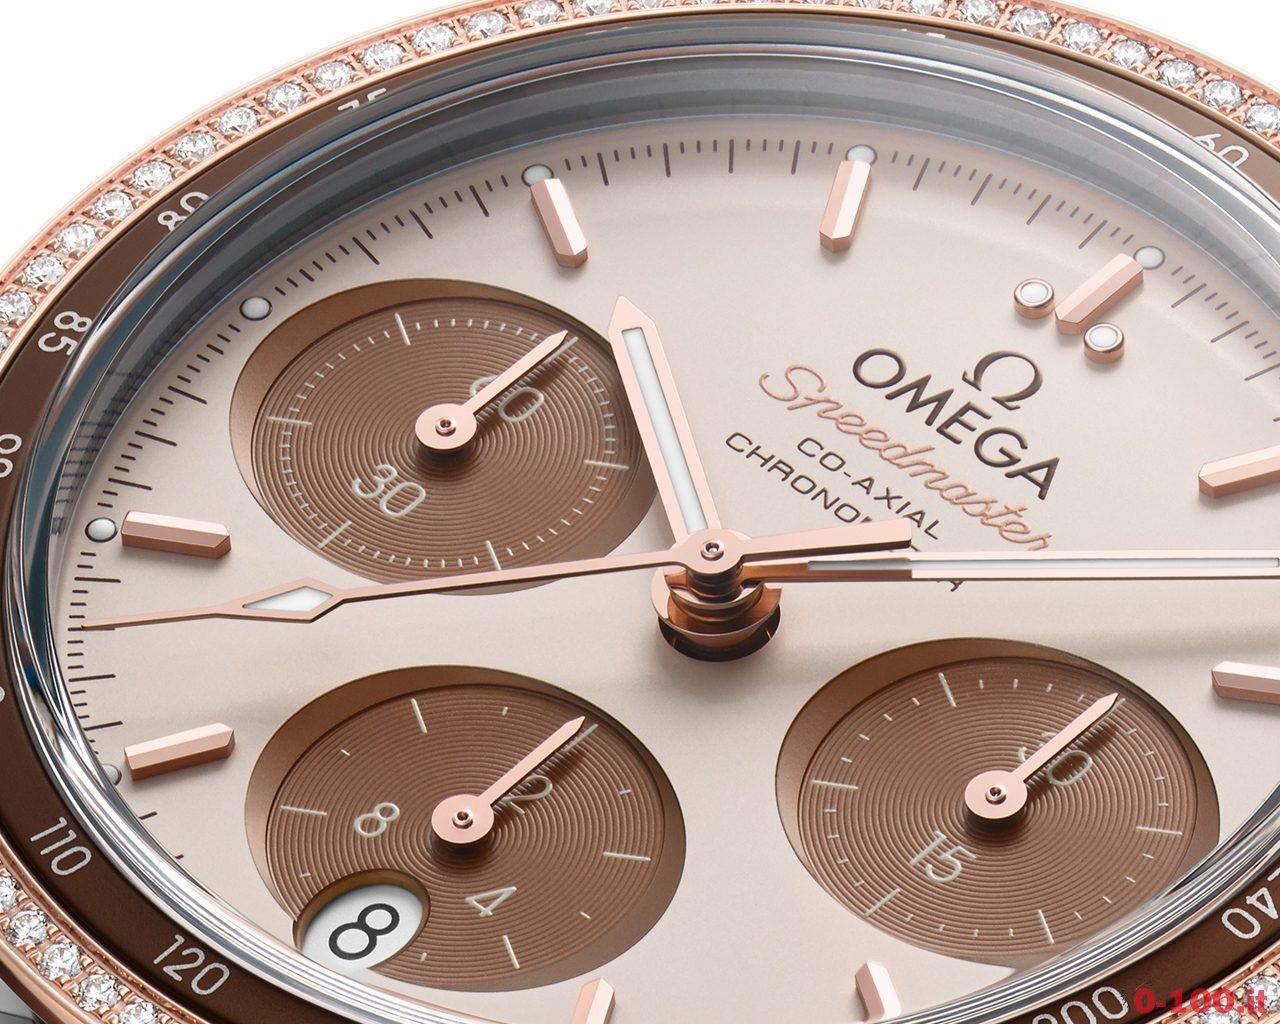 anteprima-baselworld-2017-omega-speedmaster-38-mm-cappuccino-prezzo-price_0-1005